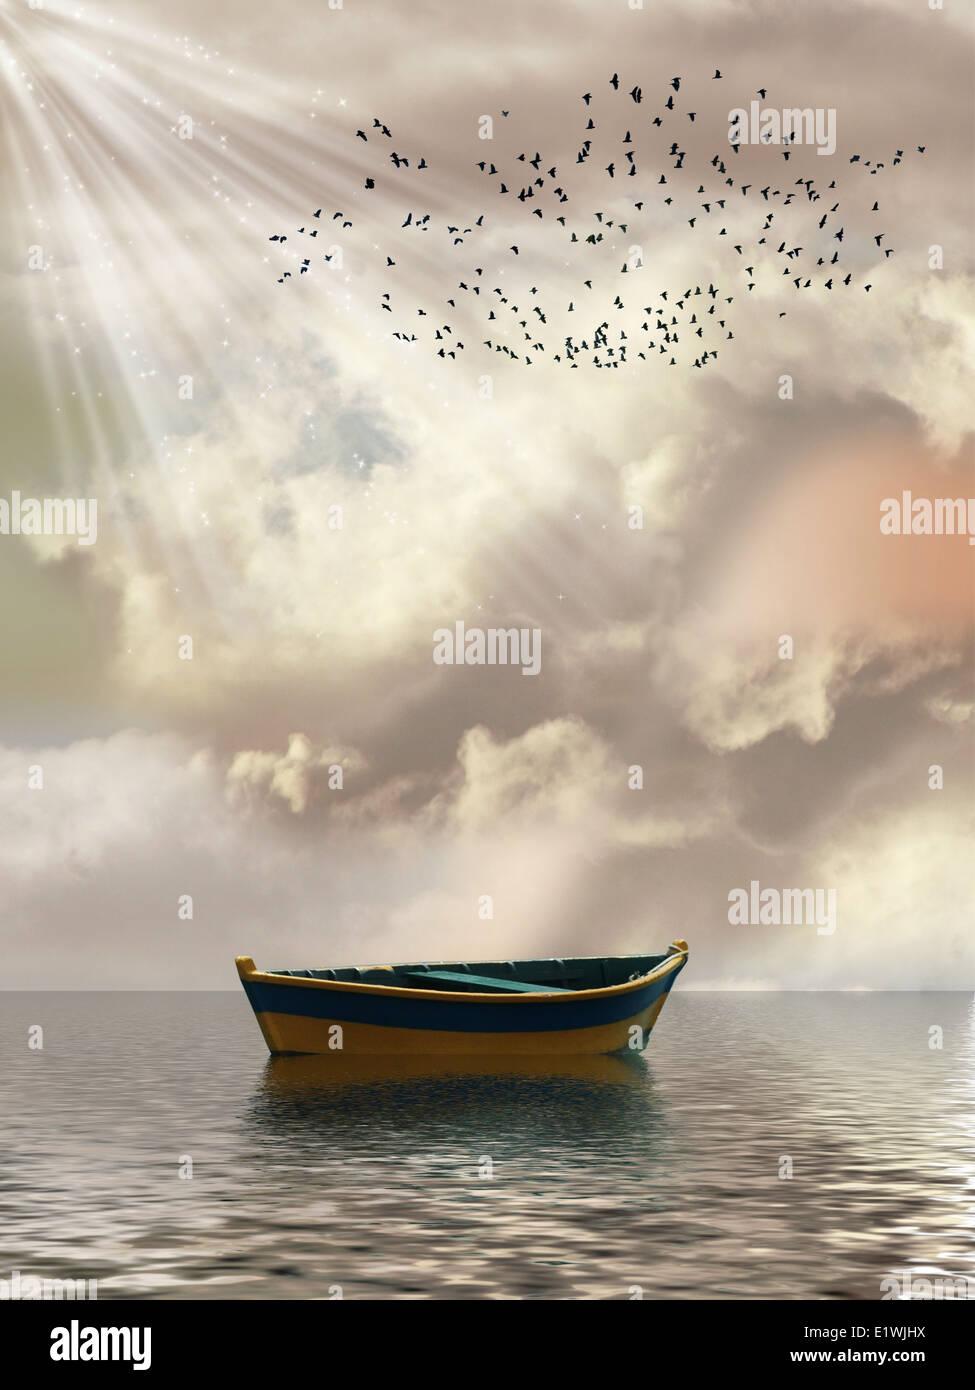 Paisaje de fantasía en el océano con barco y aves Imagen De Stock